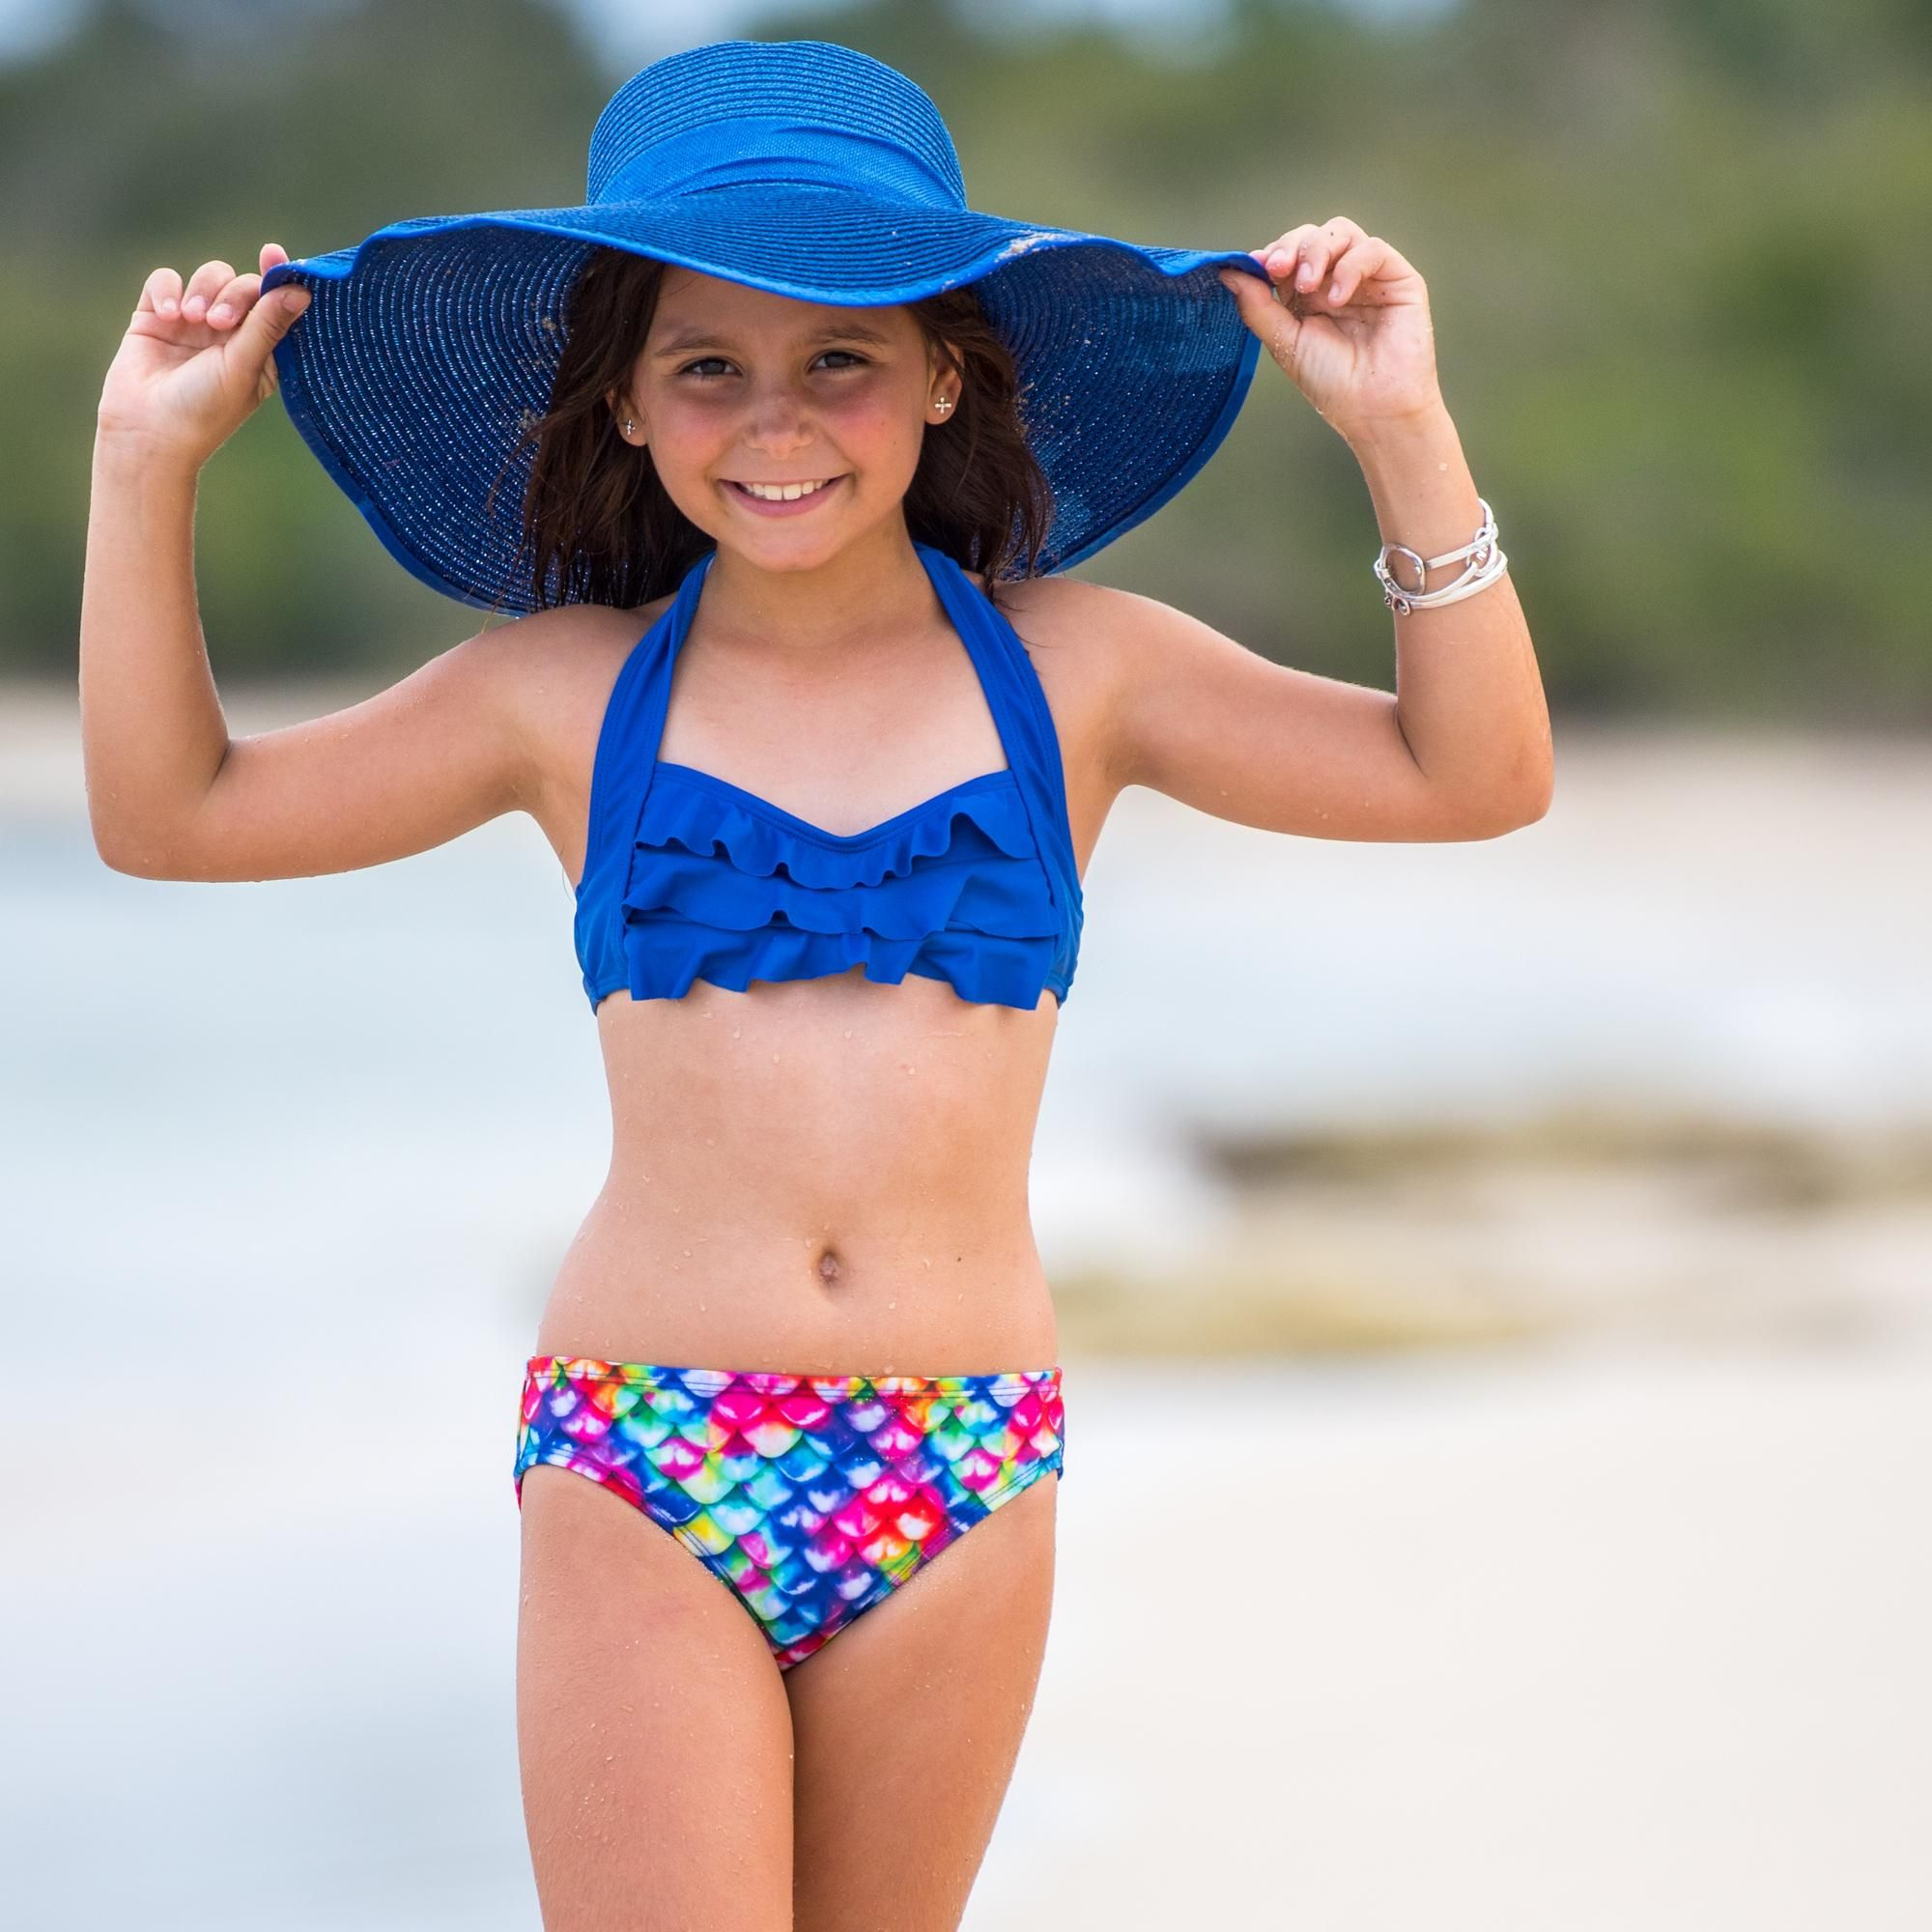 small-girl-in-bikini